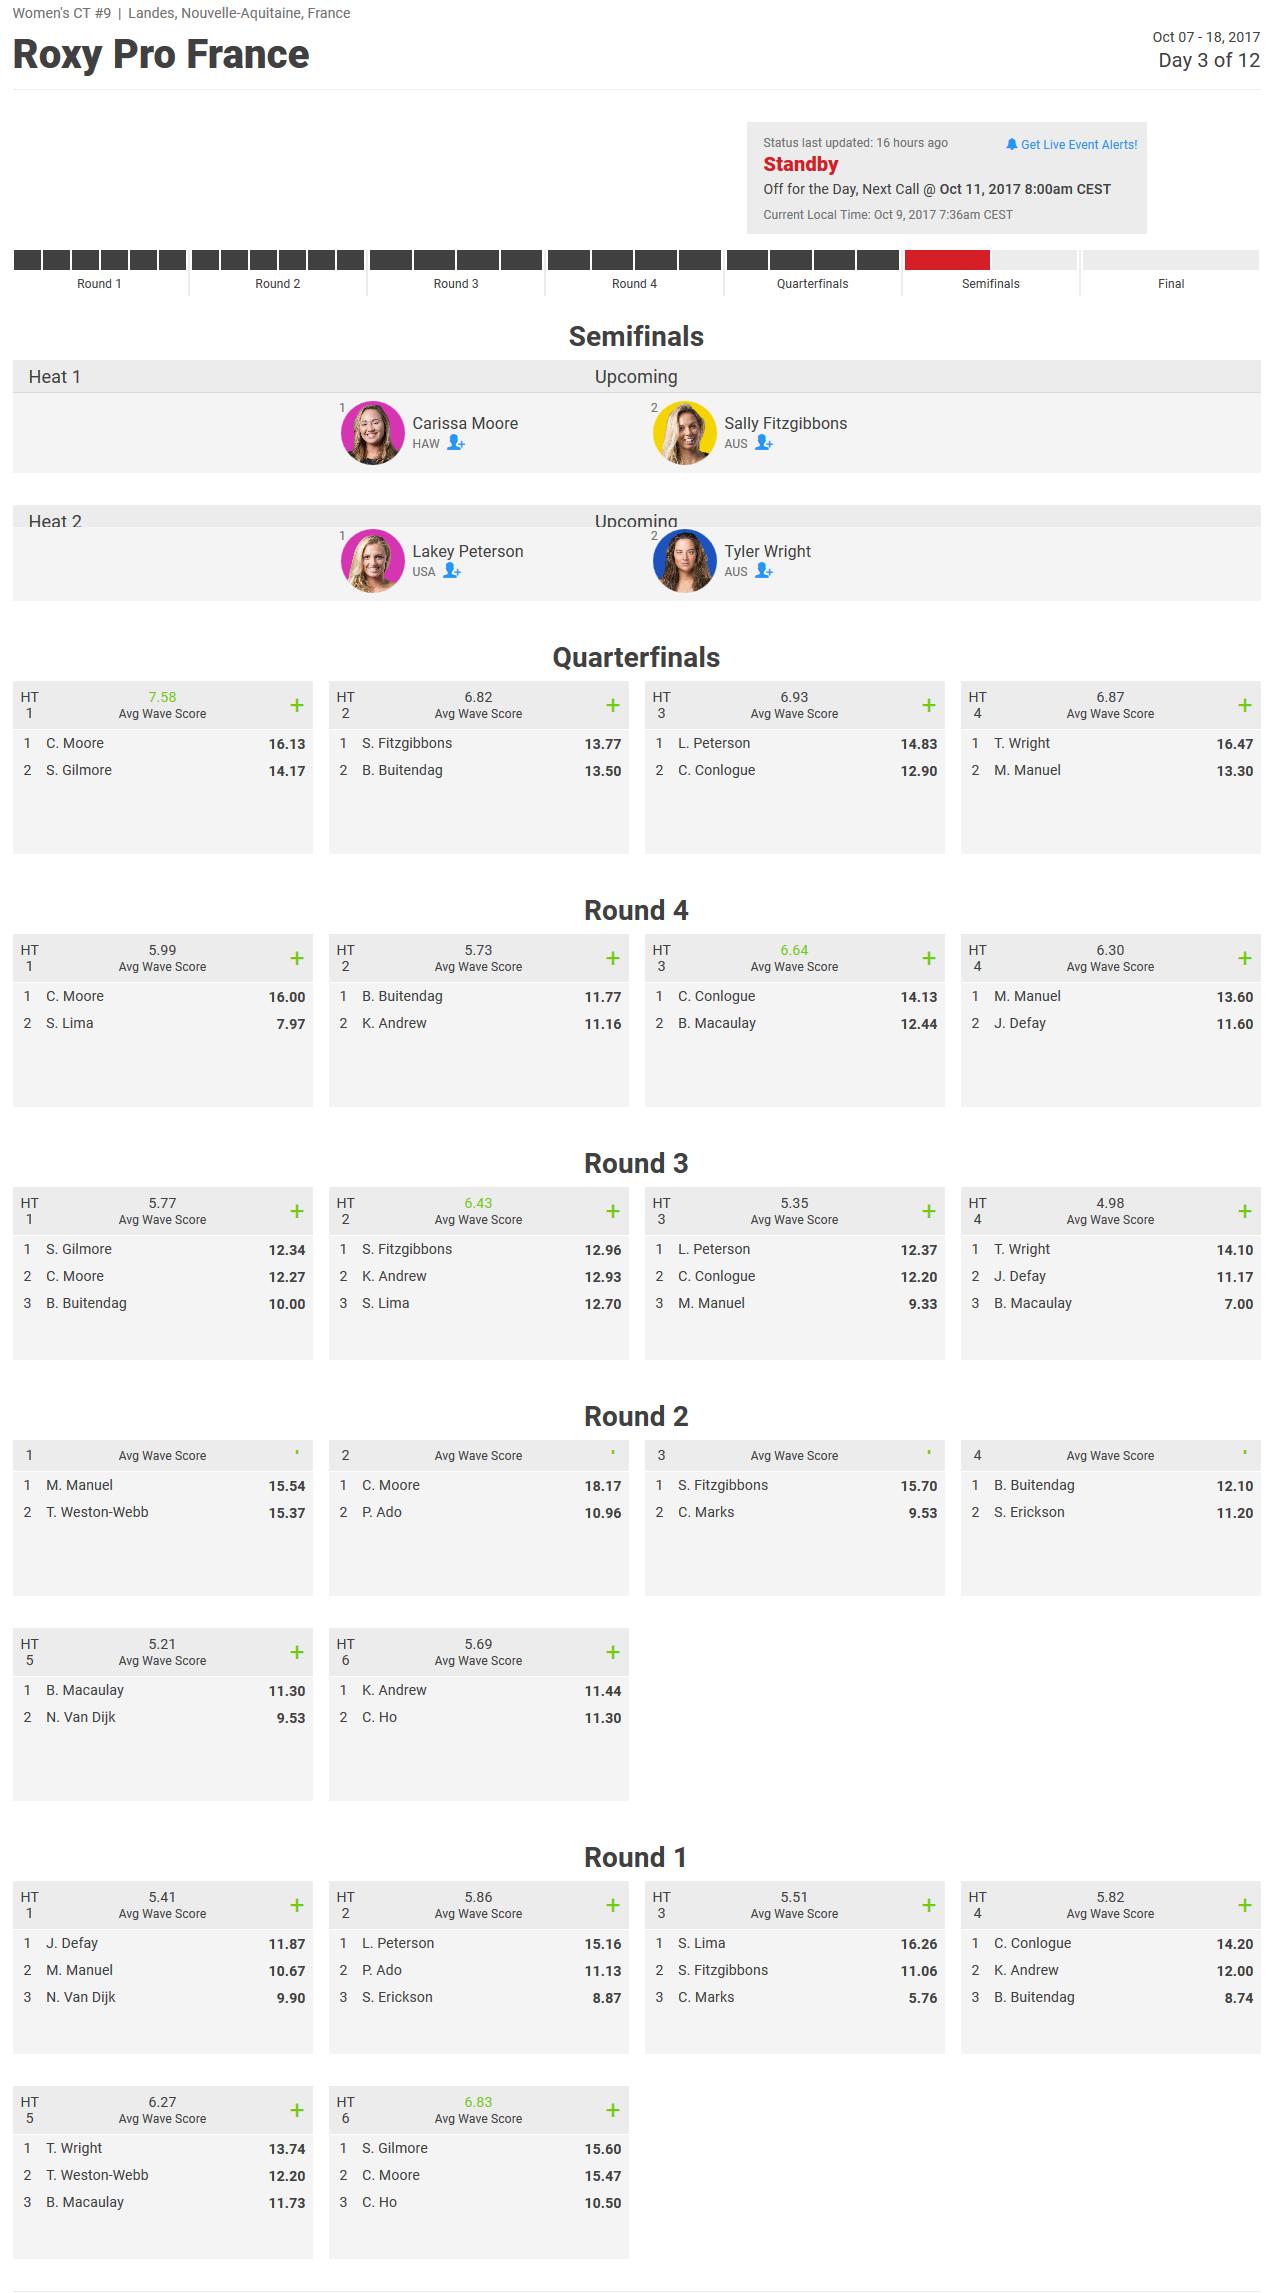 Résultats du deuxième jour du Roxy Pro France 2017